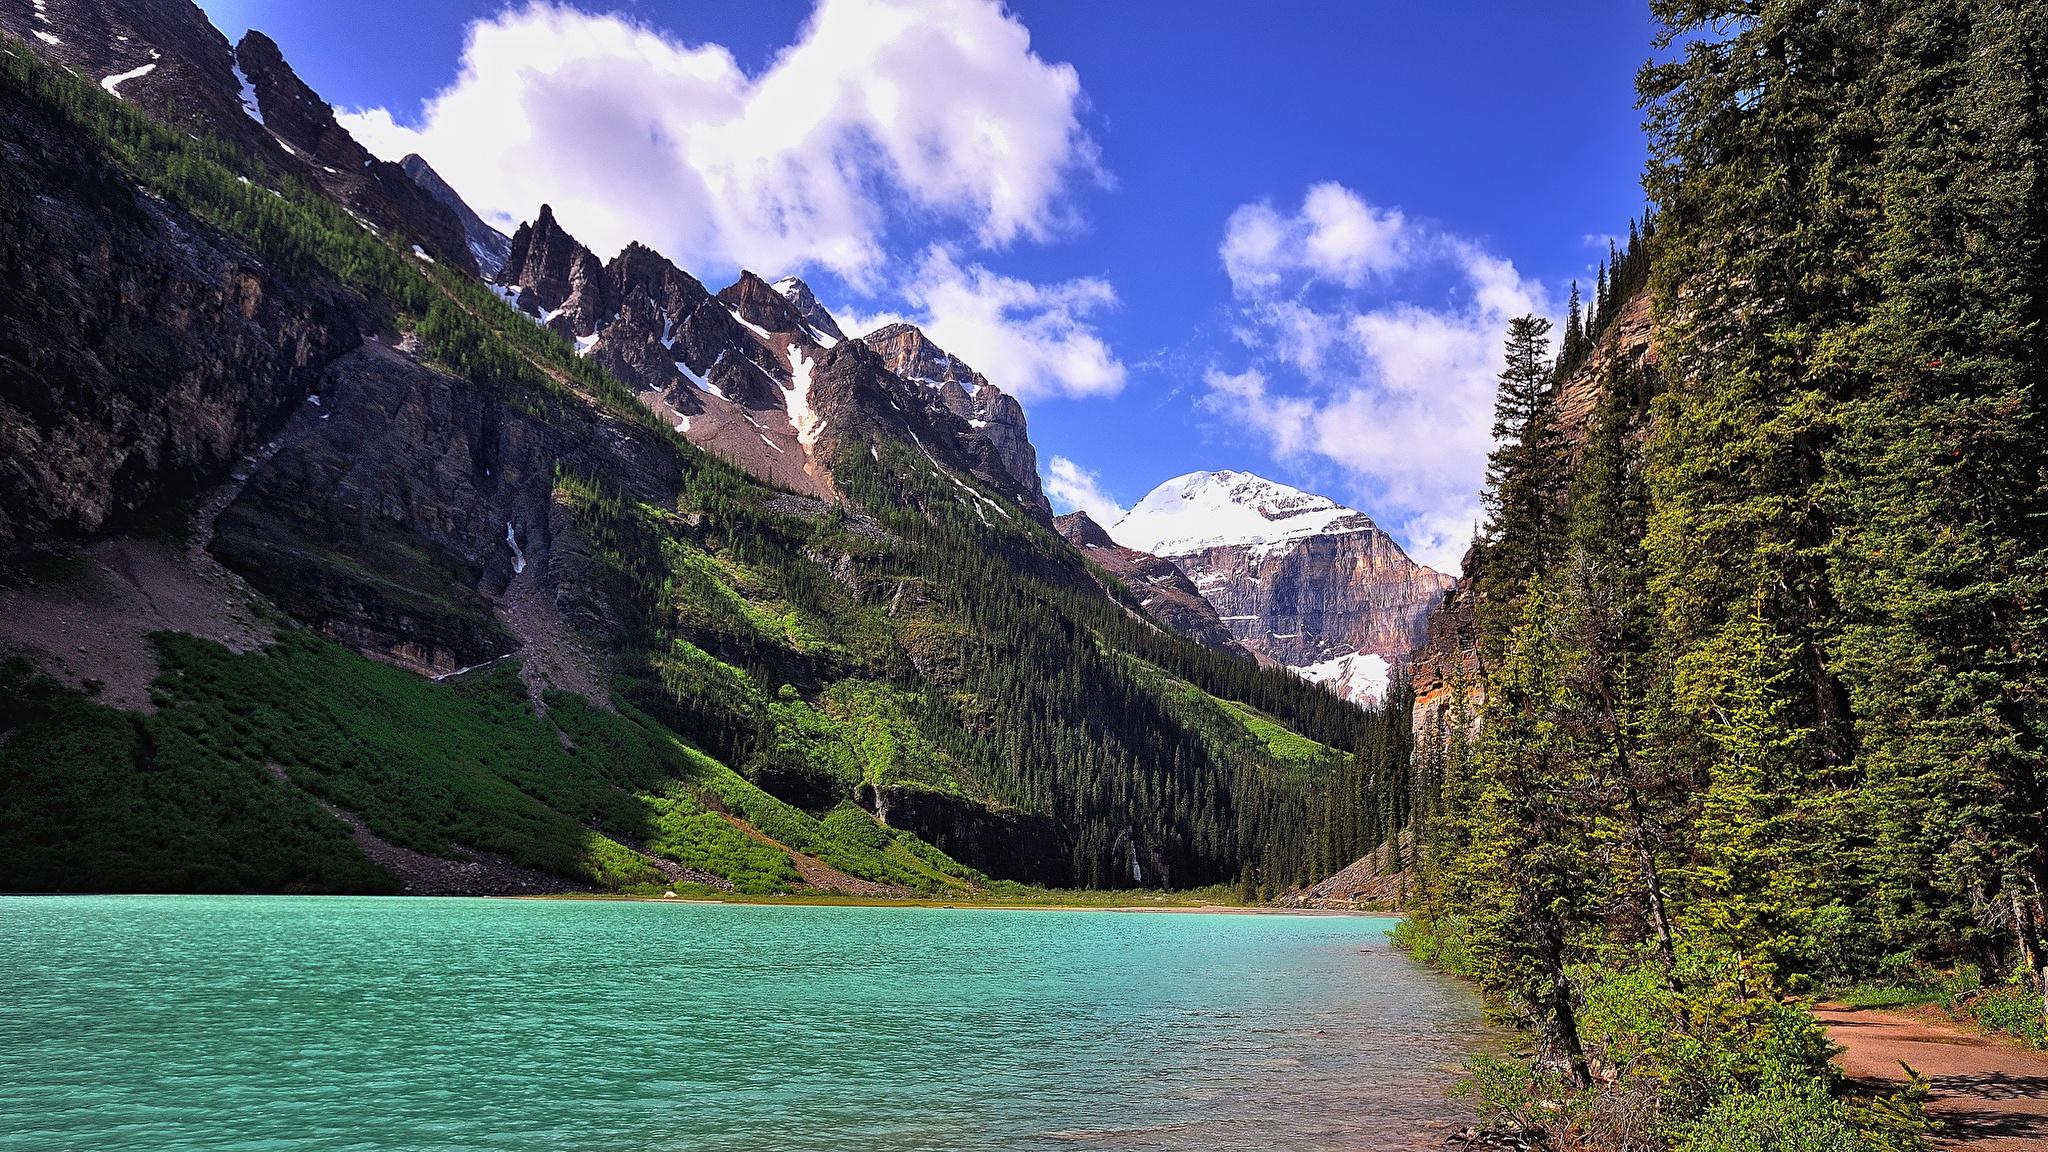 озеро горное озеро горы загрузить